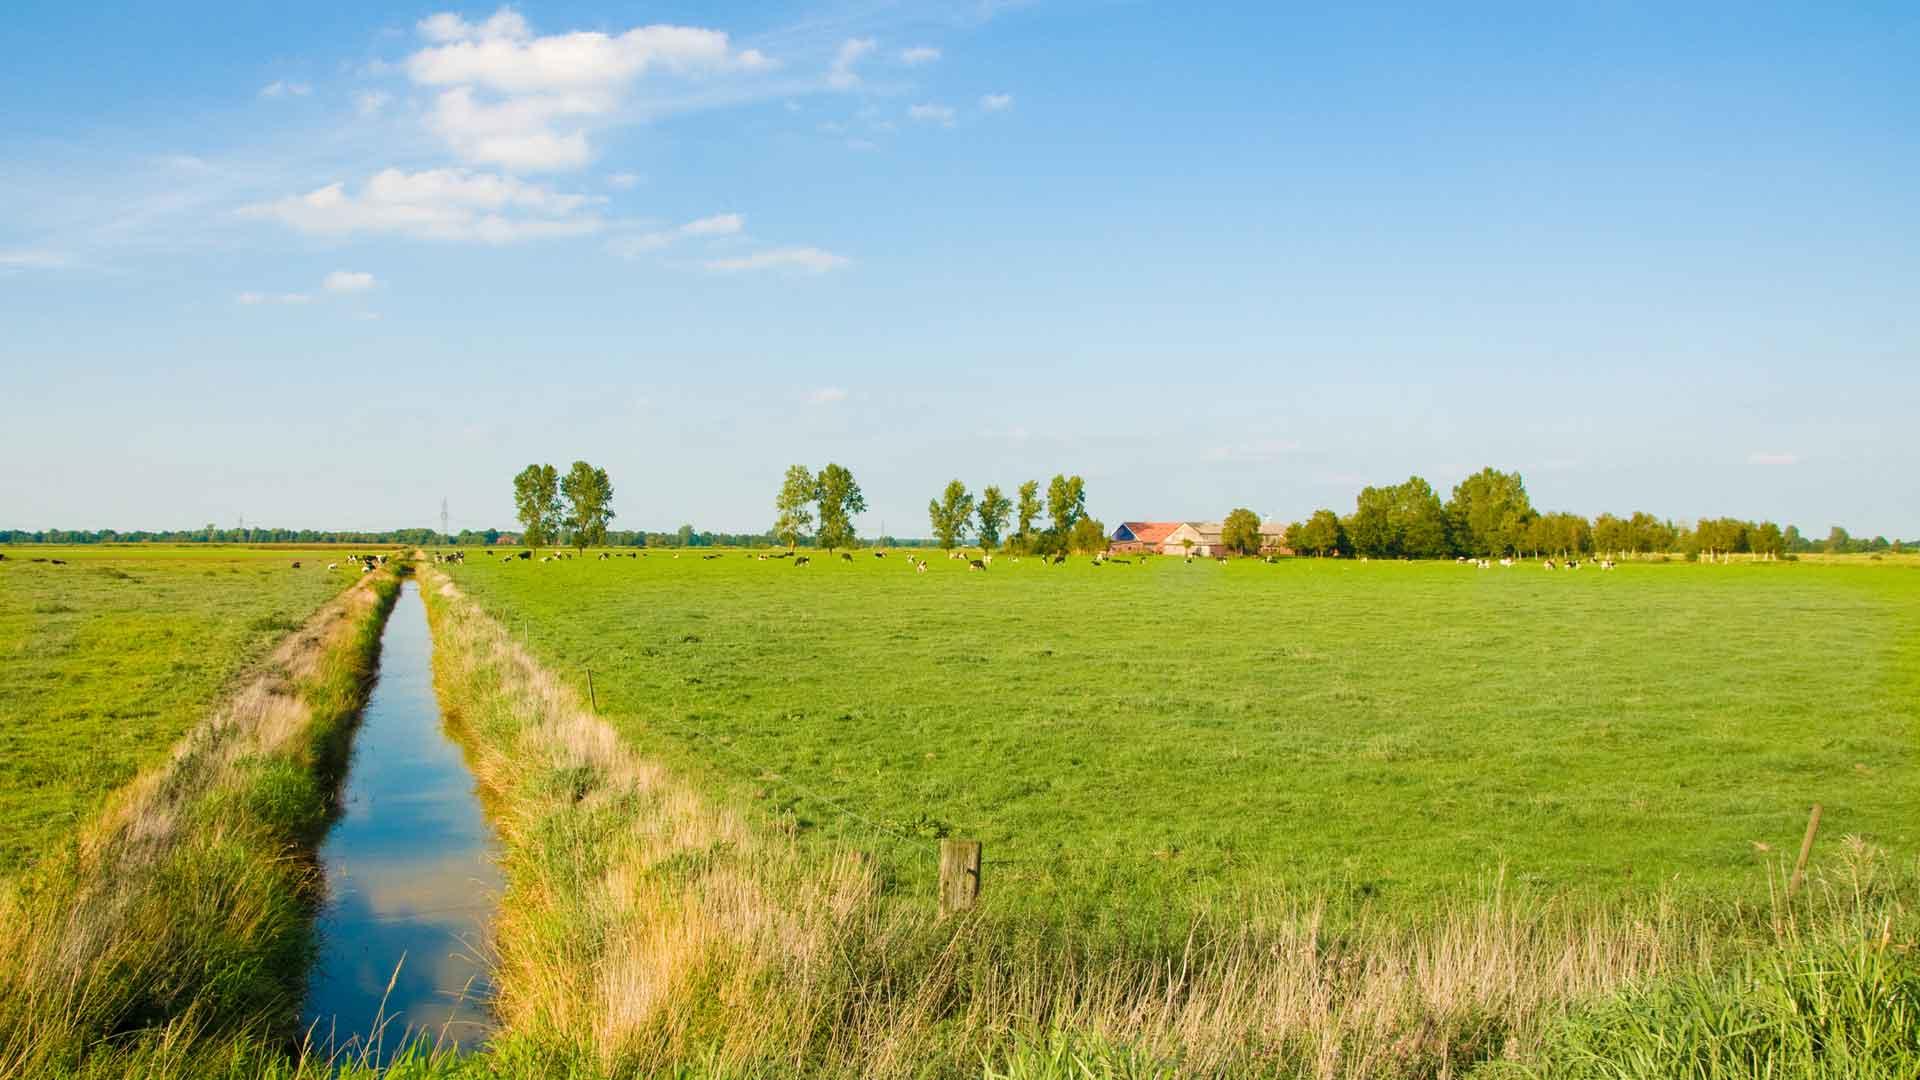 Het weidse landschap van Ostfriesland.